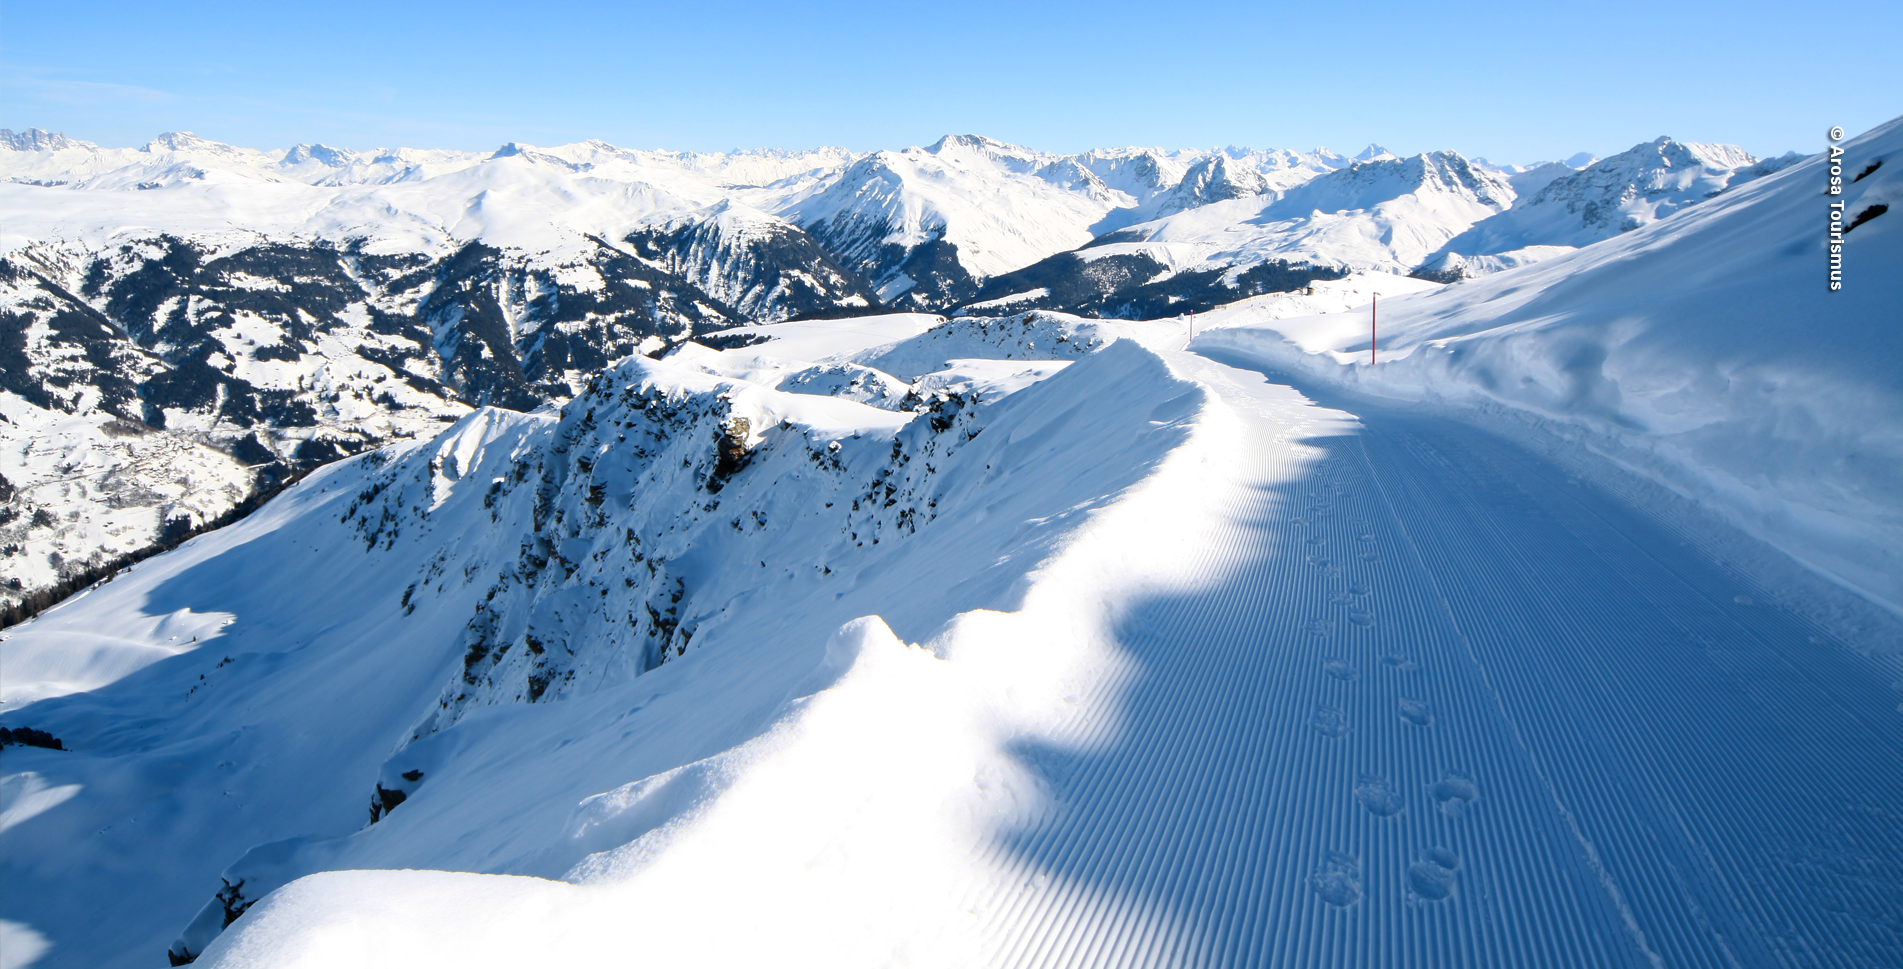 Winterwanderung vom Weisshorn via Sattelhütte, Scheidegg, Rot Tritt, Prätschalp, Ober Prätschsee, Prätschi, Obersee nach Arosa